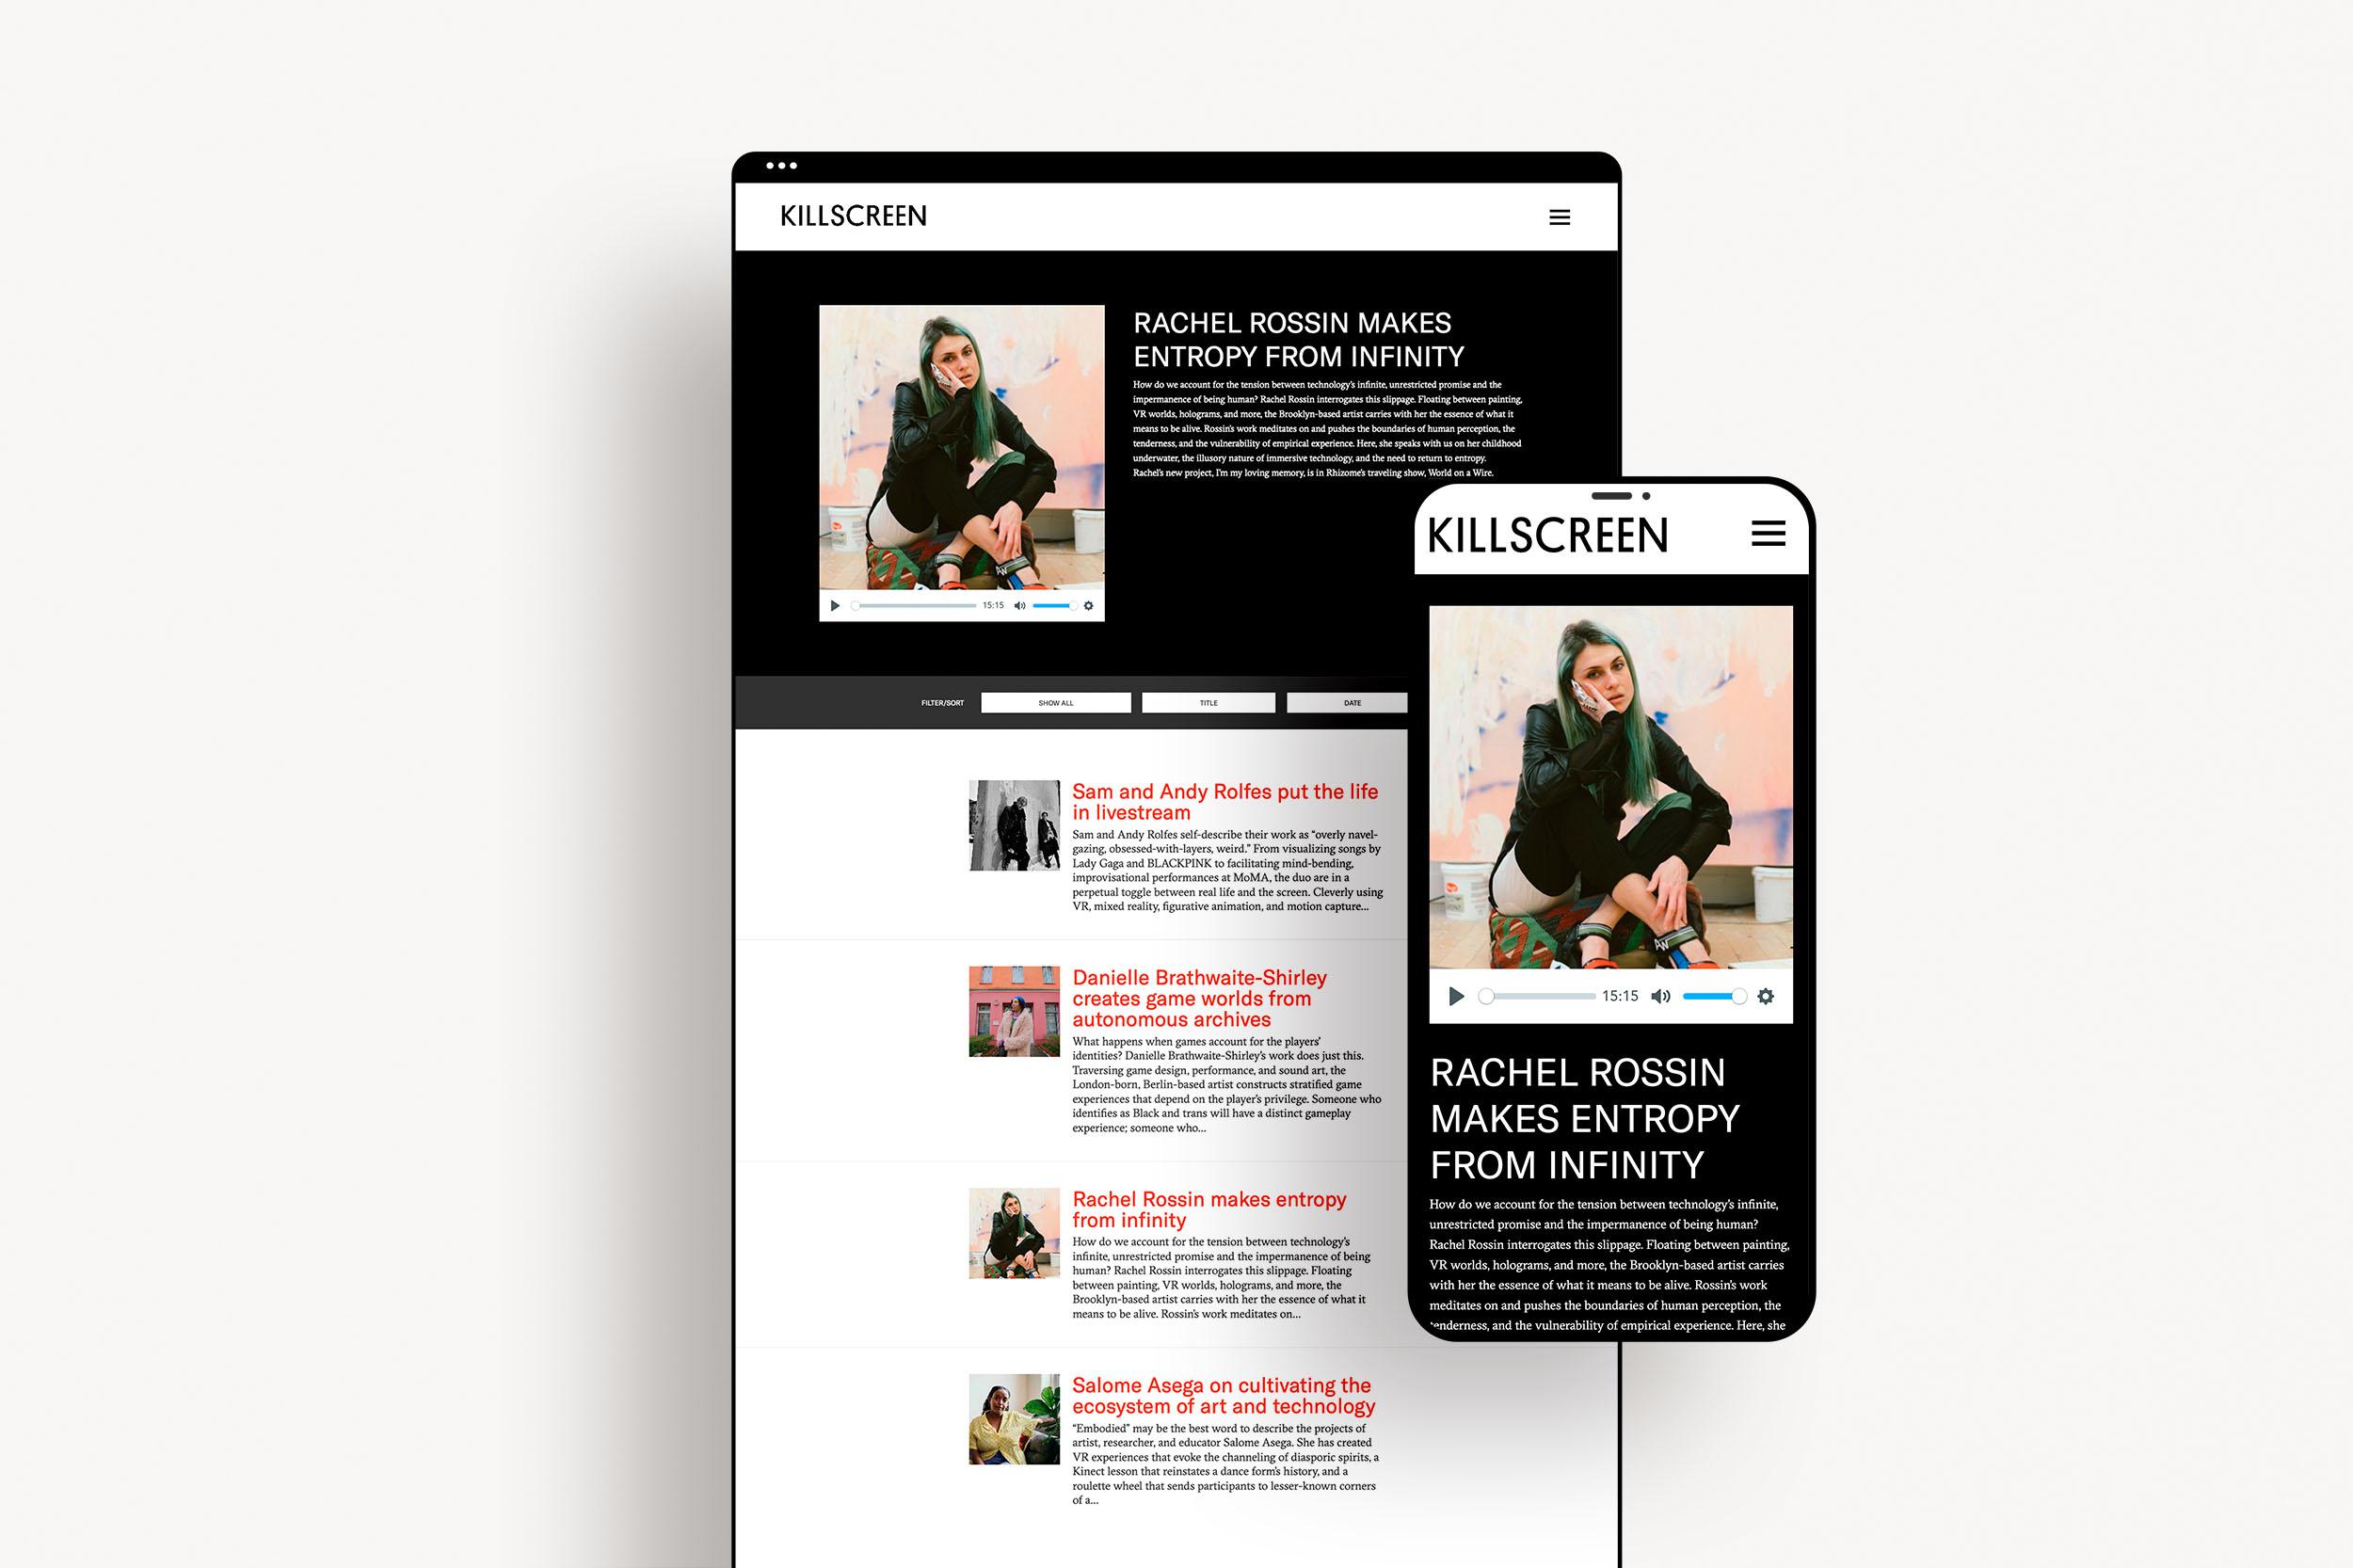 ks1_Scene-12-2-Extended-Screen-Phone